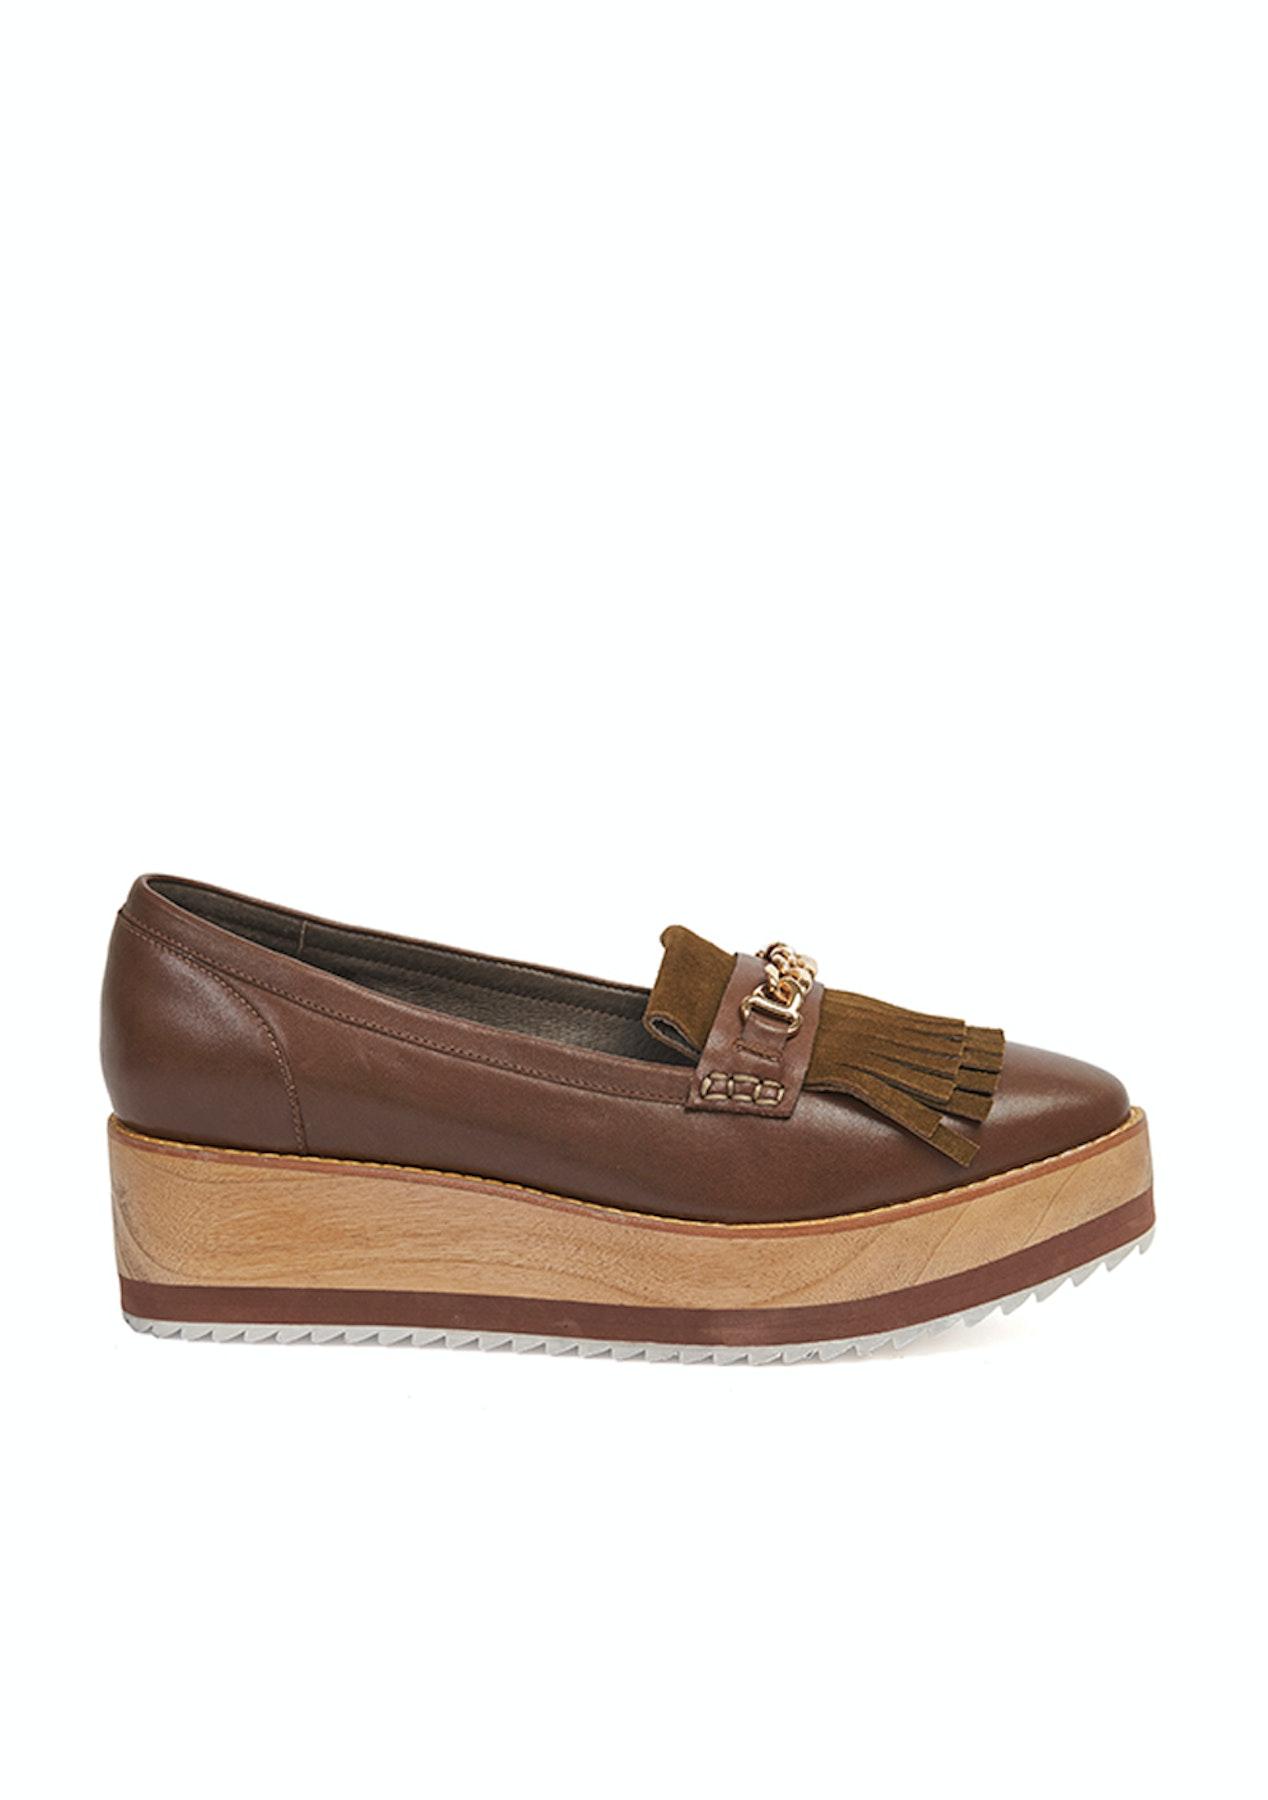 Kathryn Wilson Shoes Sale